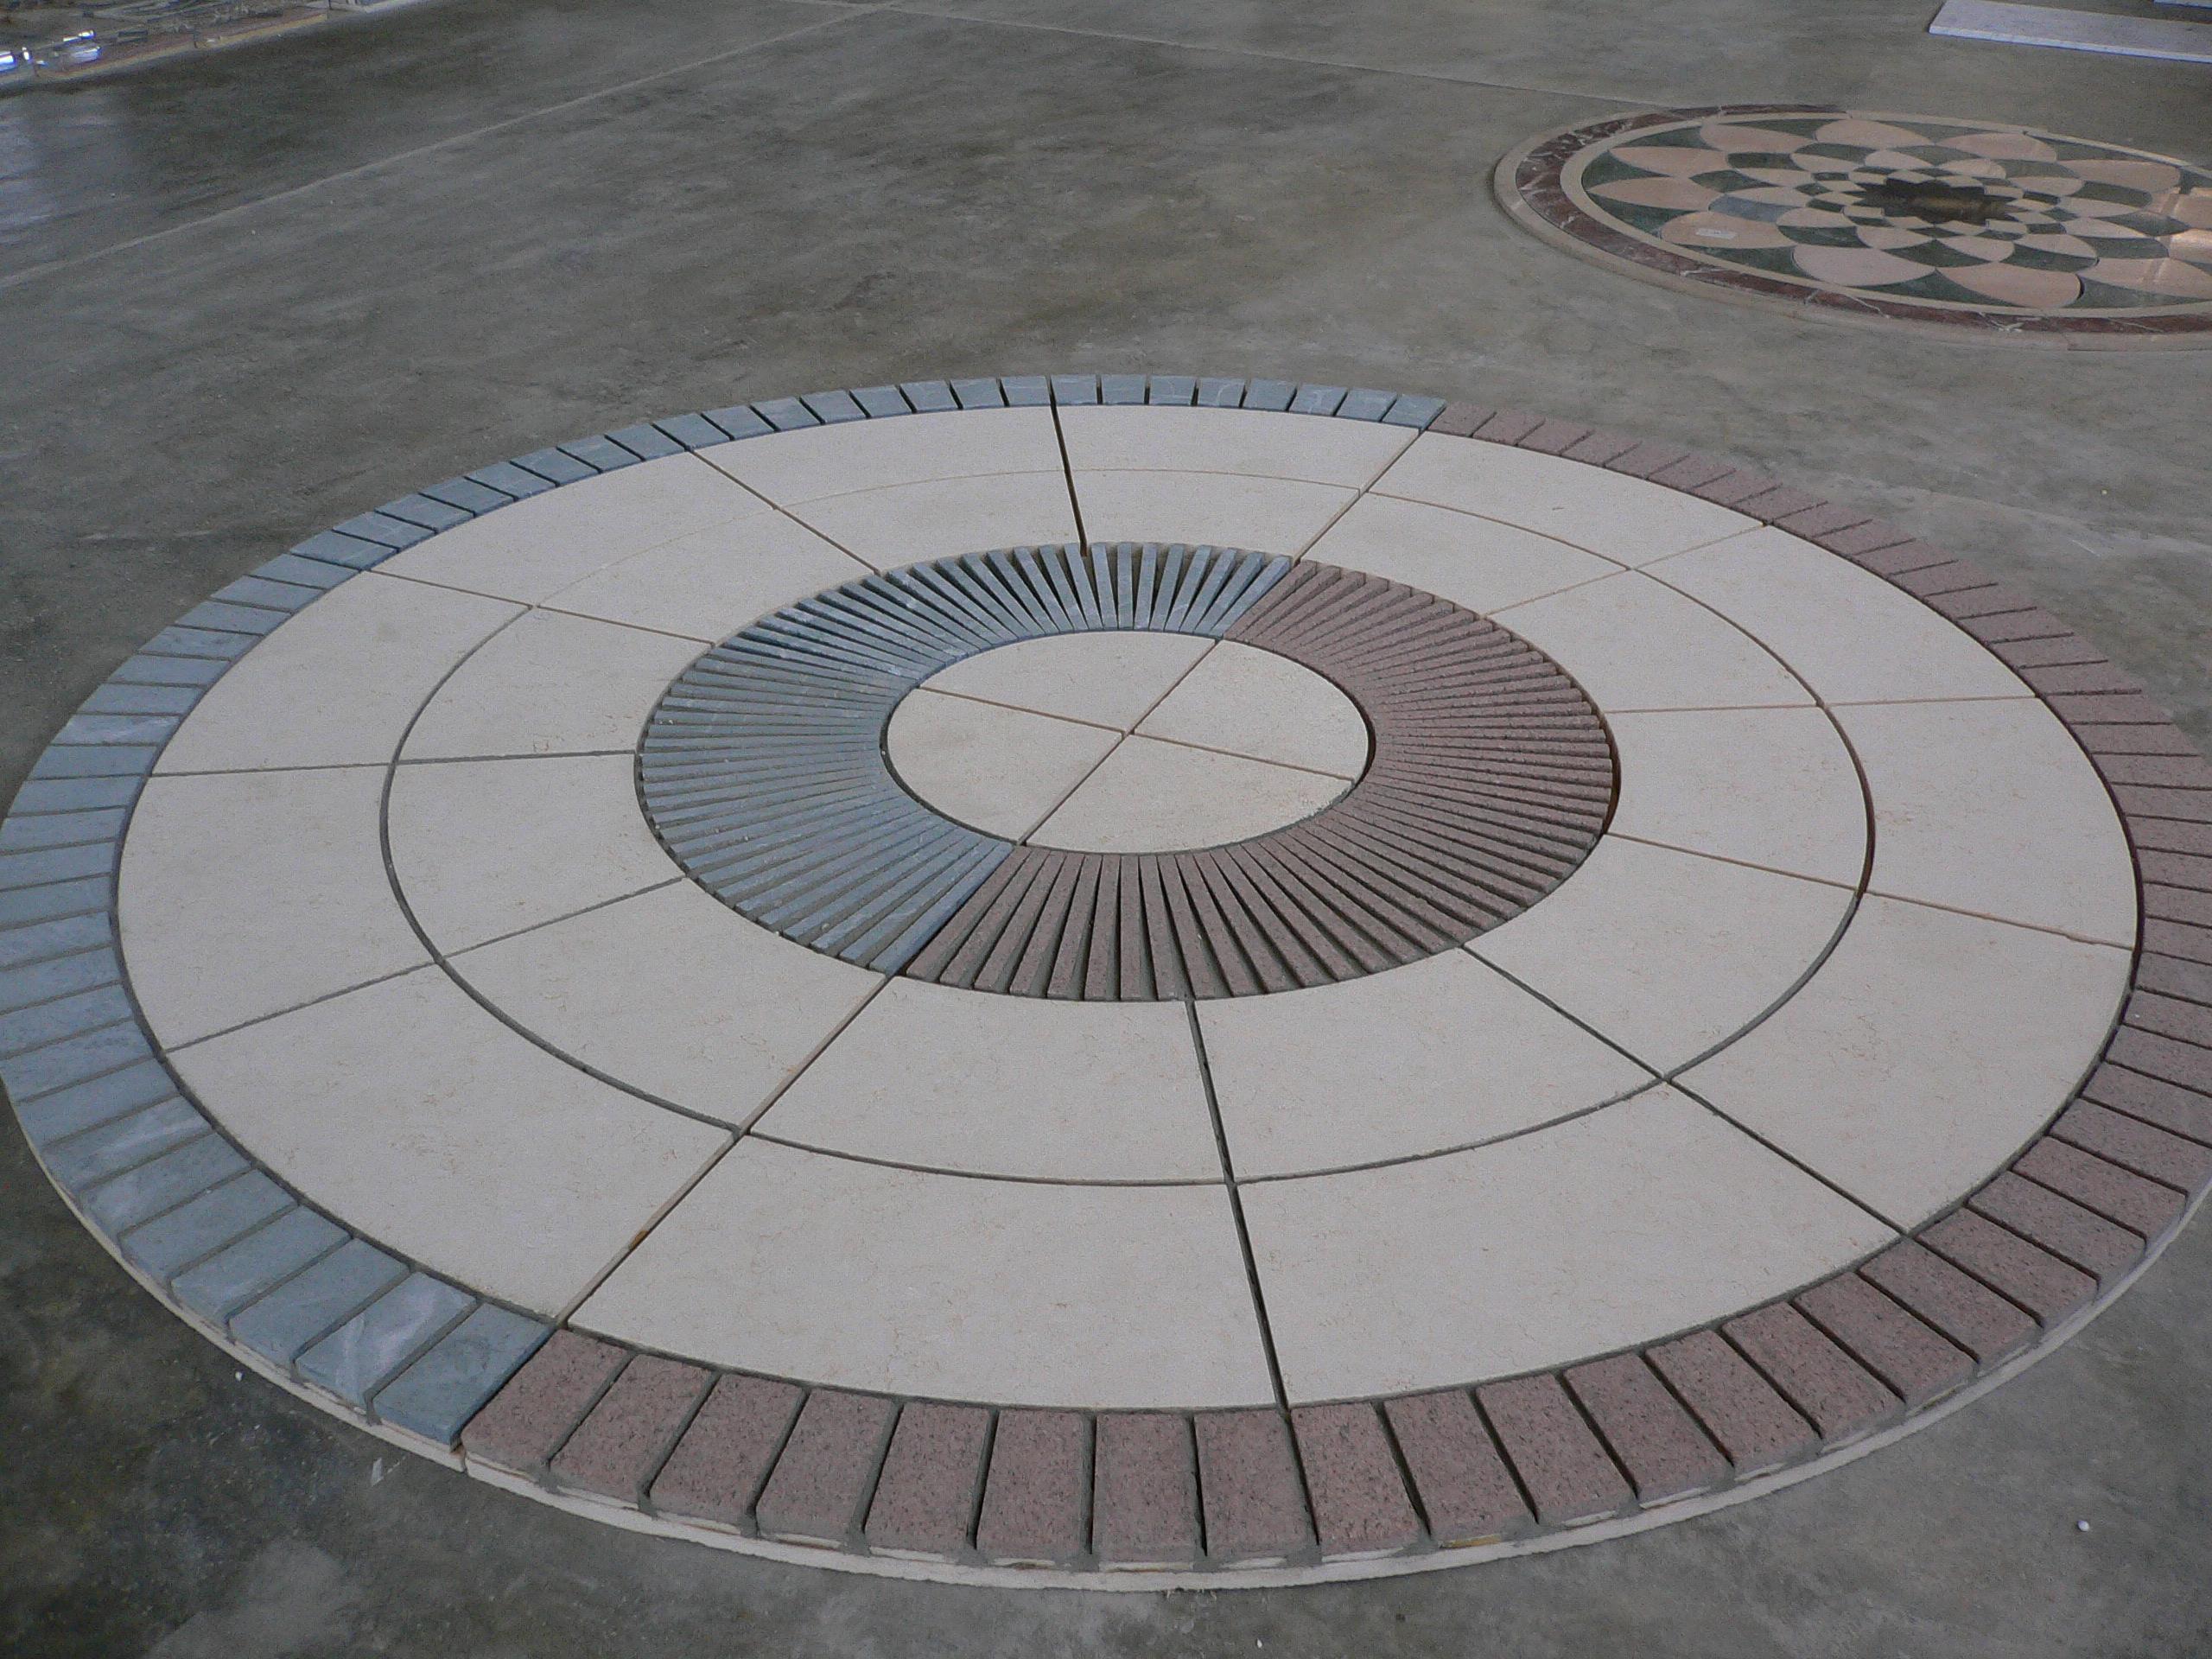 Circular marble floor